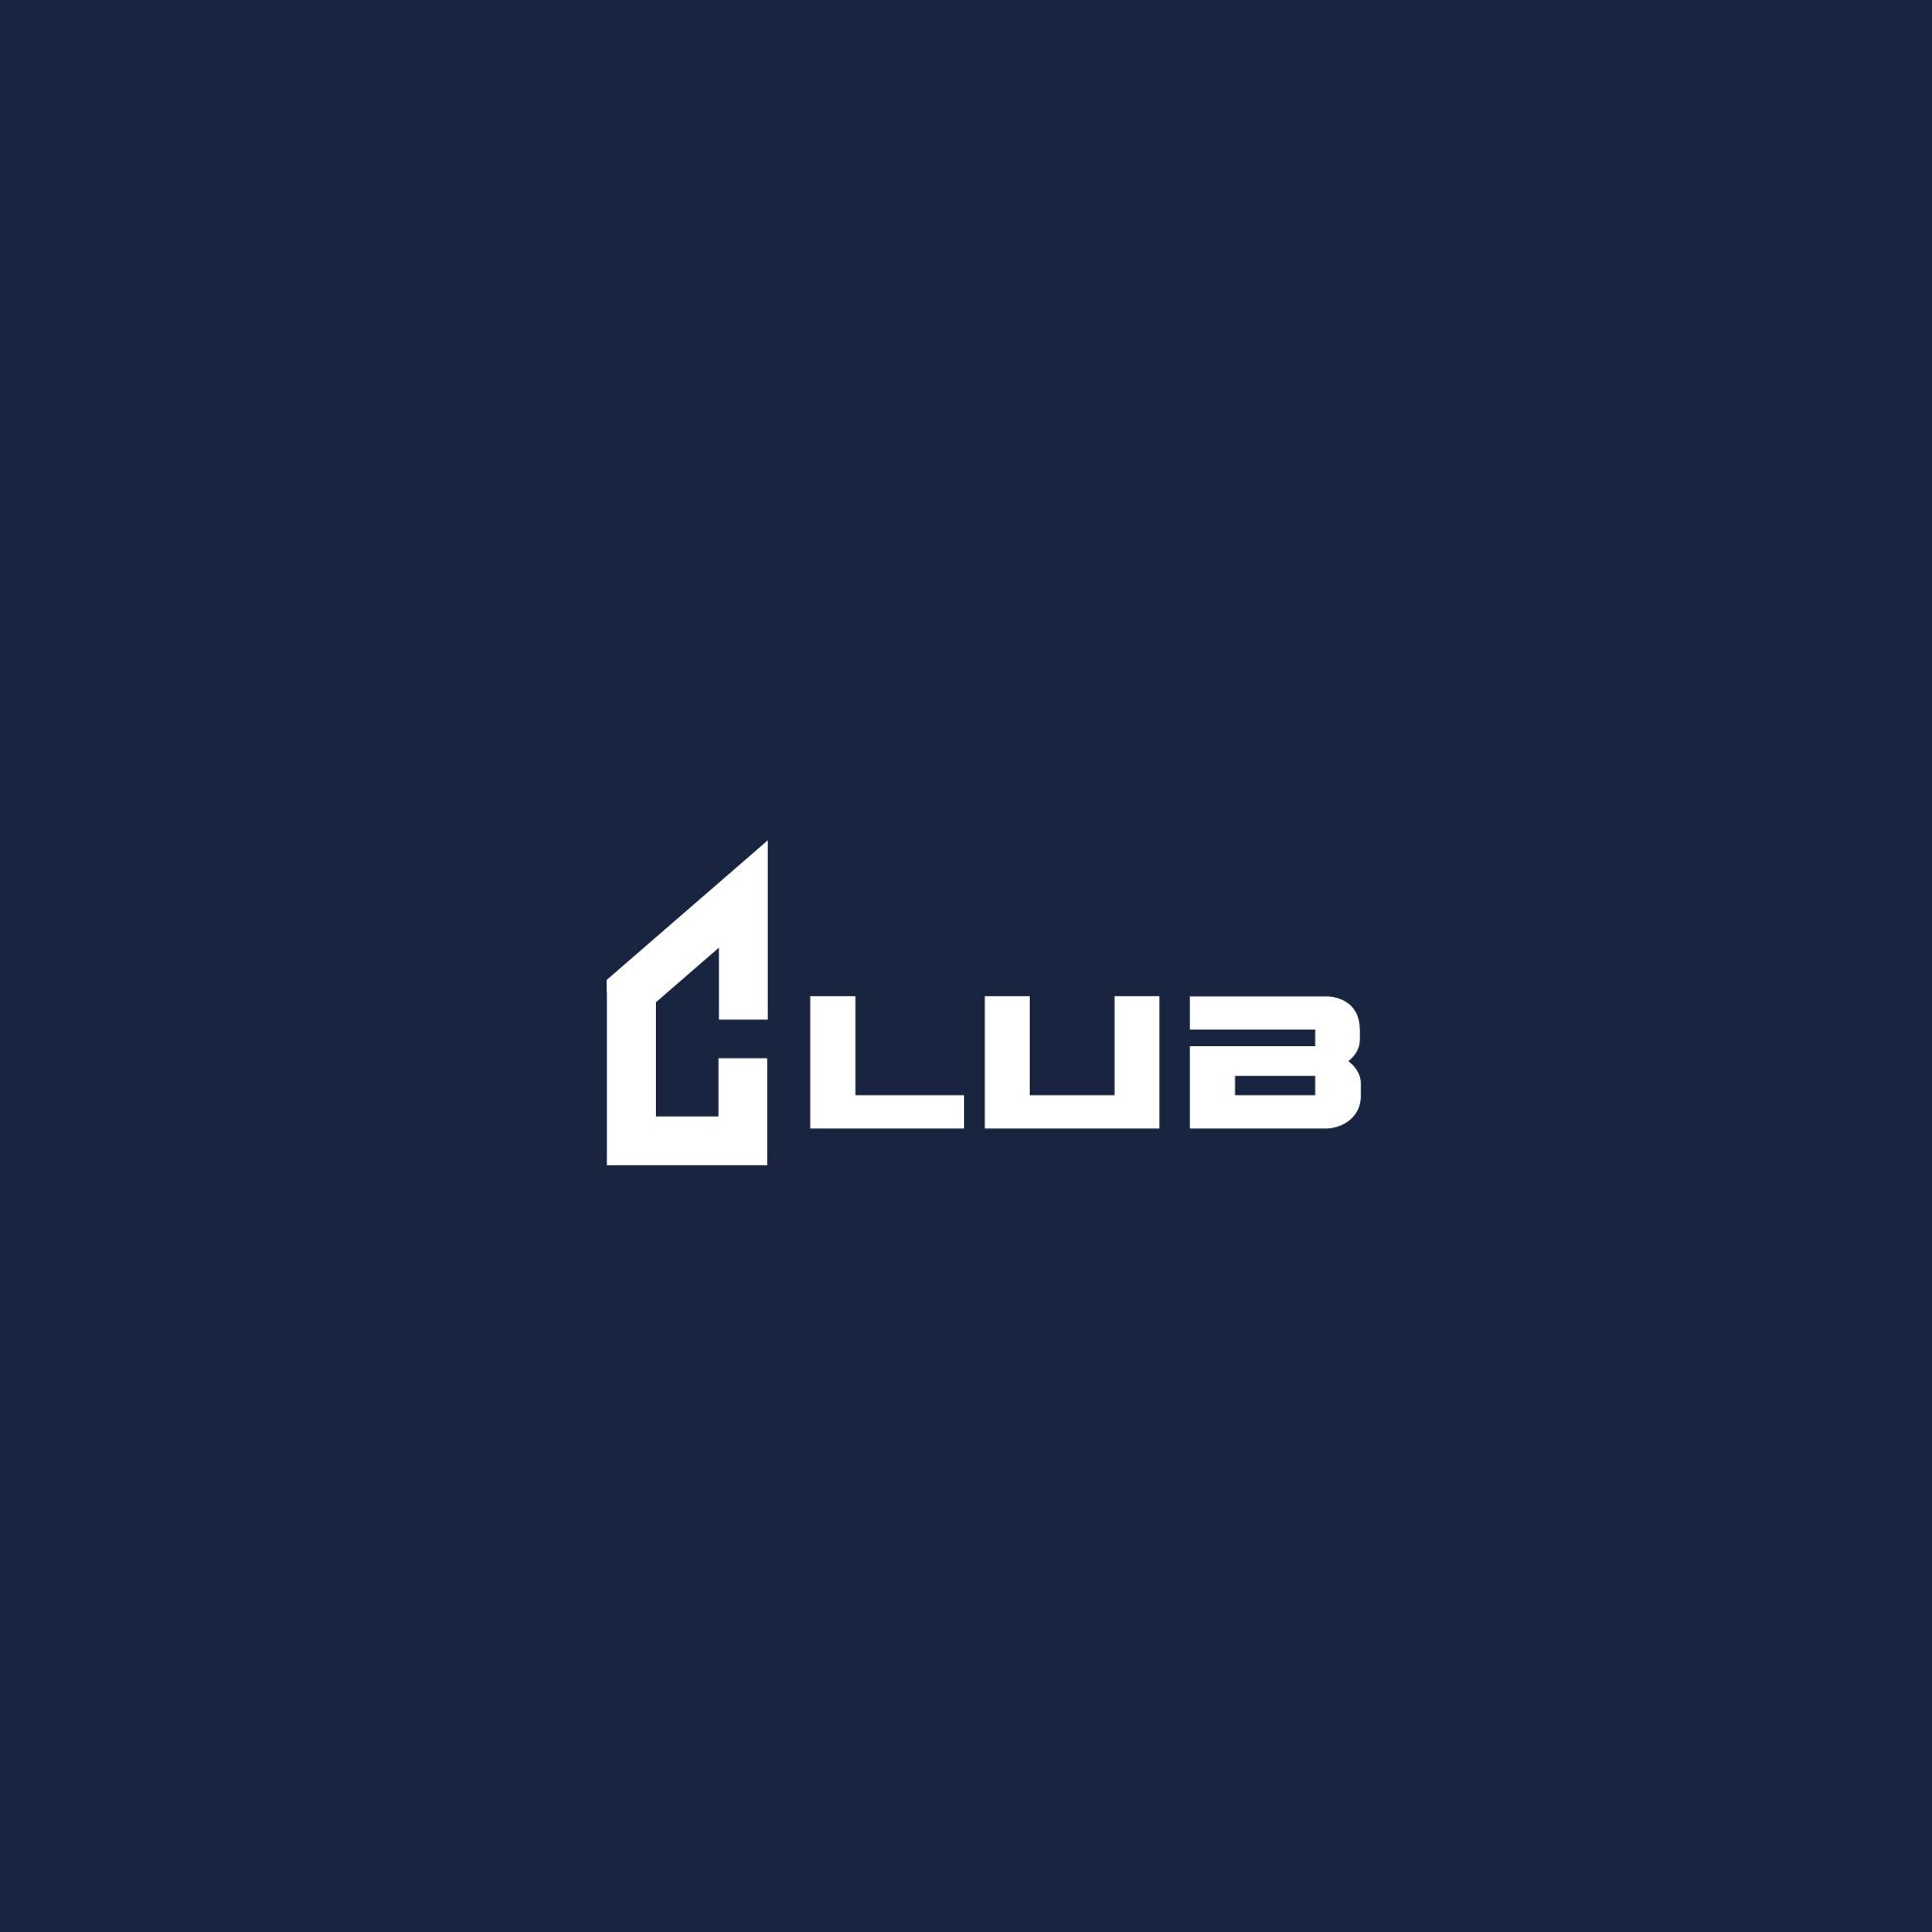 Логотип делового клуба фото f_4745f87440d0c1a3.jpg